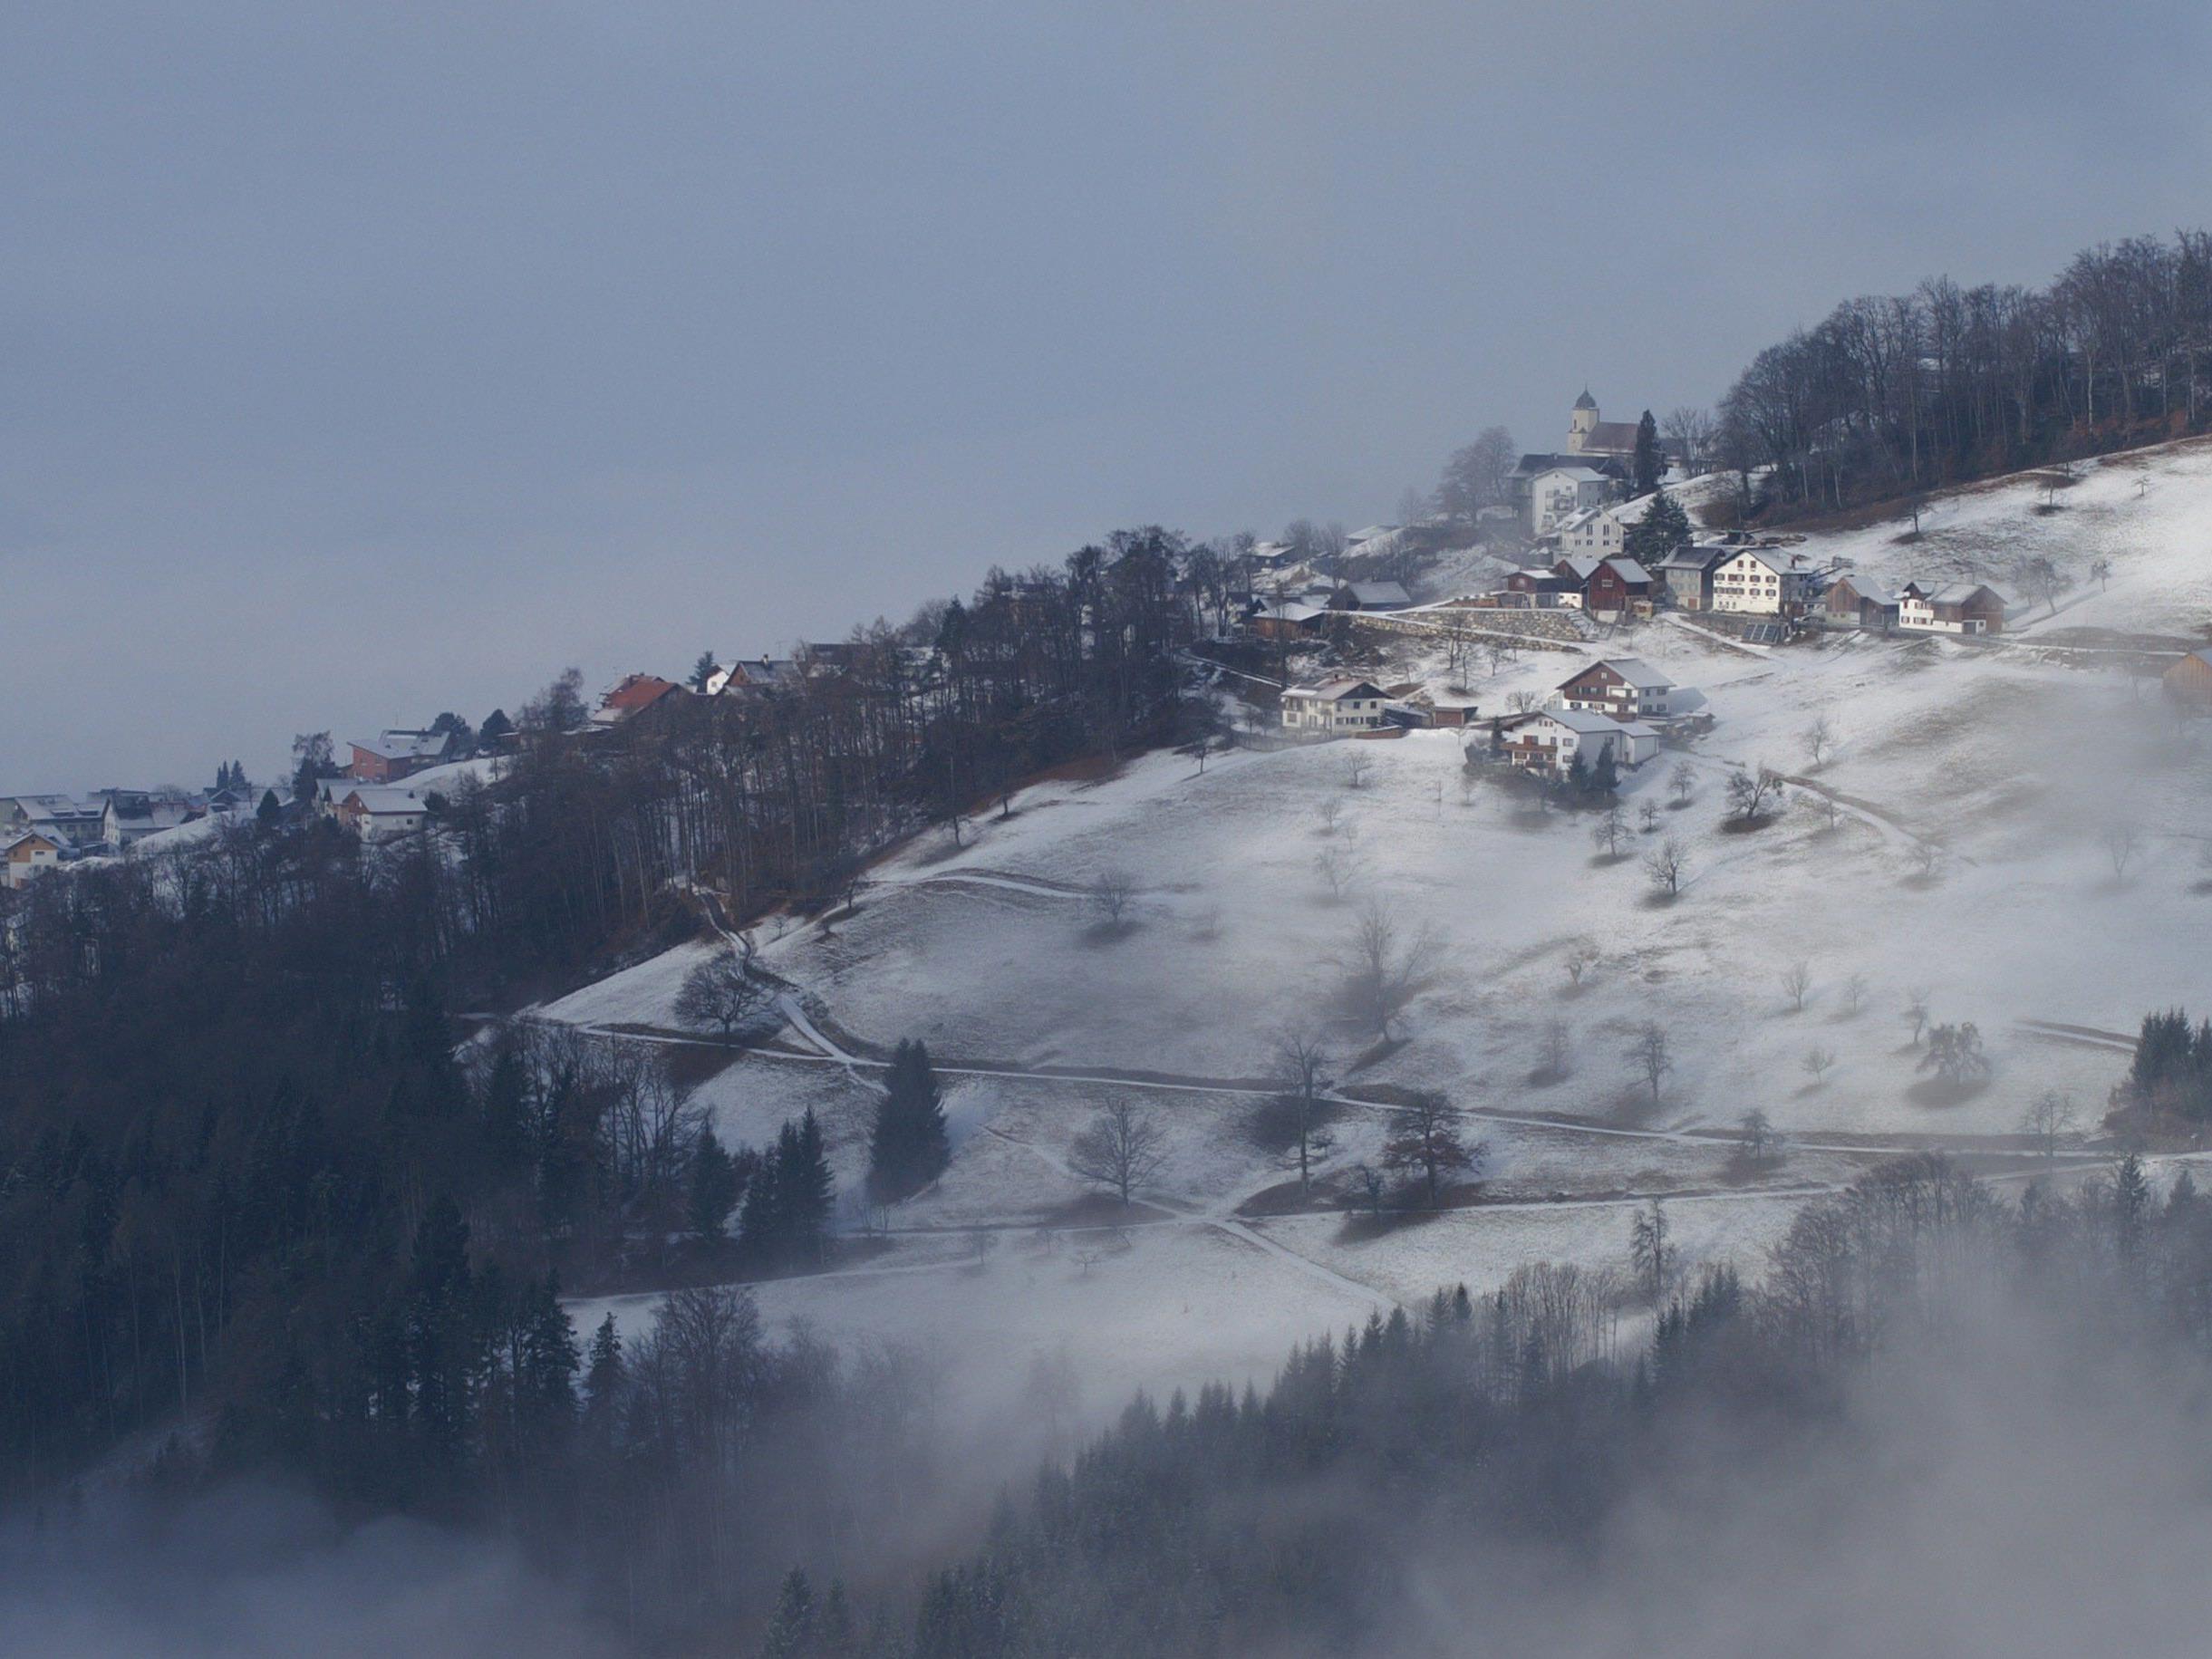 Auch der Advent ist eine Fastenzeit, die die Mönche im Kloster Viktorsberg auch nach bestem Wissen und Gewissen einzuhalten versuchten.